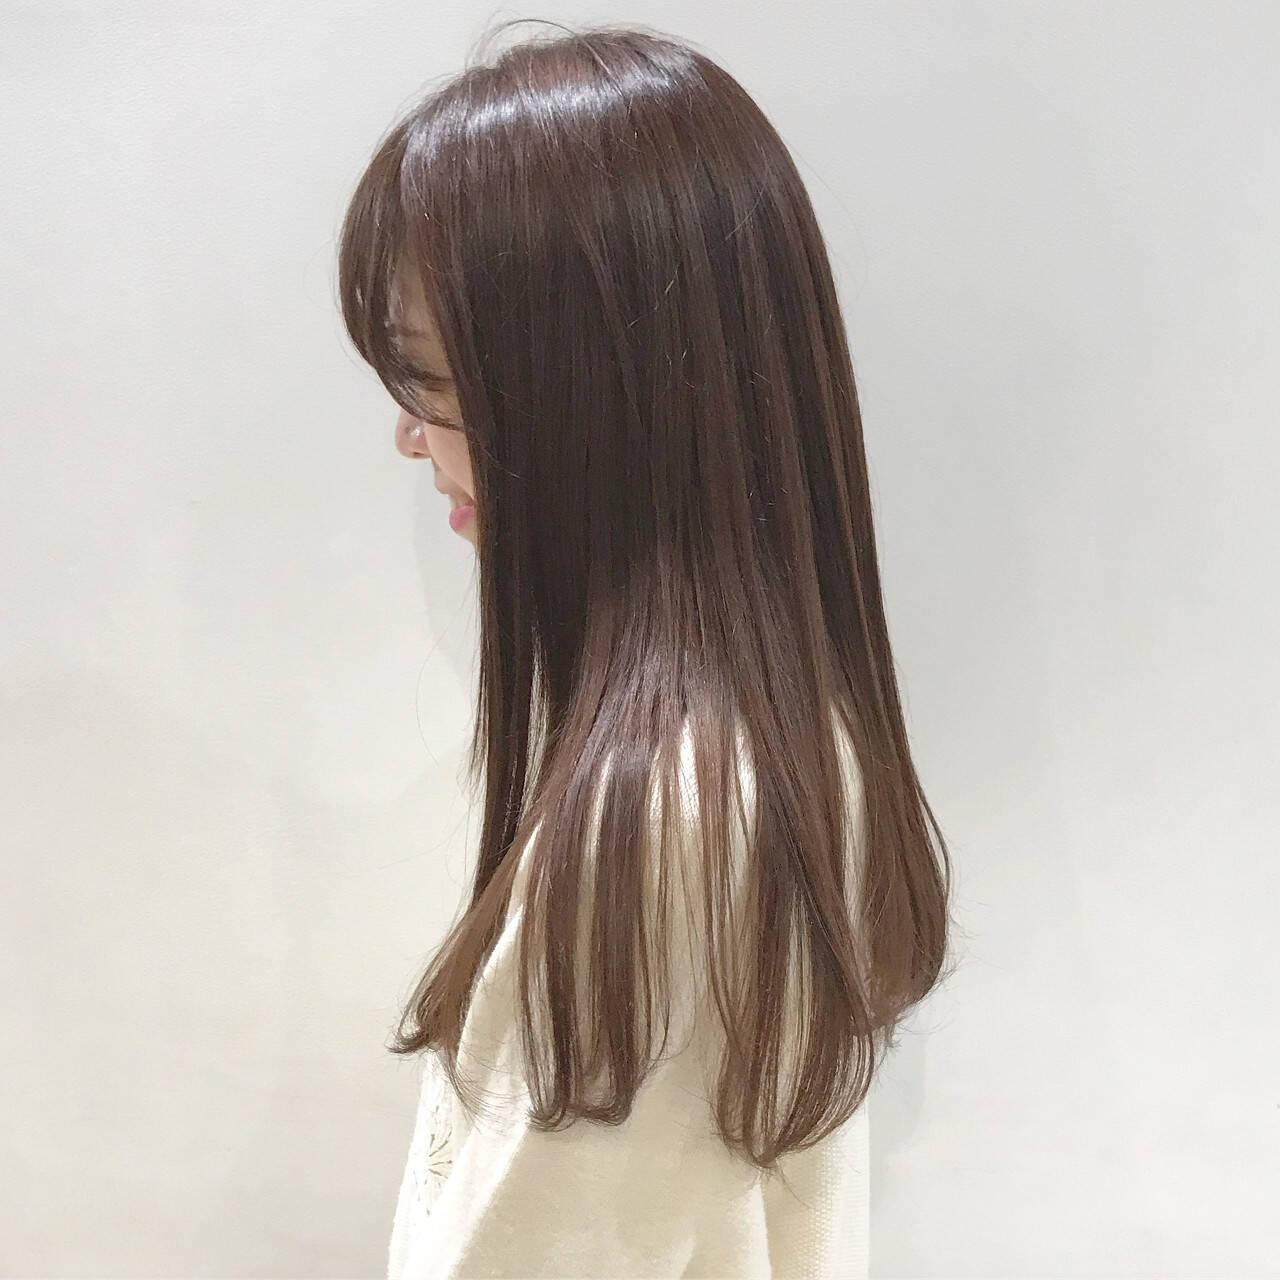 ブリーチなし ロング ラベンダーアッシュ ガーリーヘアスタイルや髪型の写真・画像